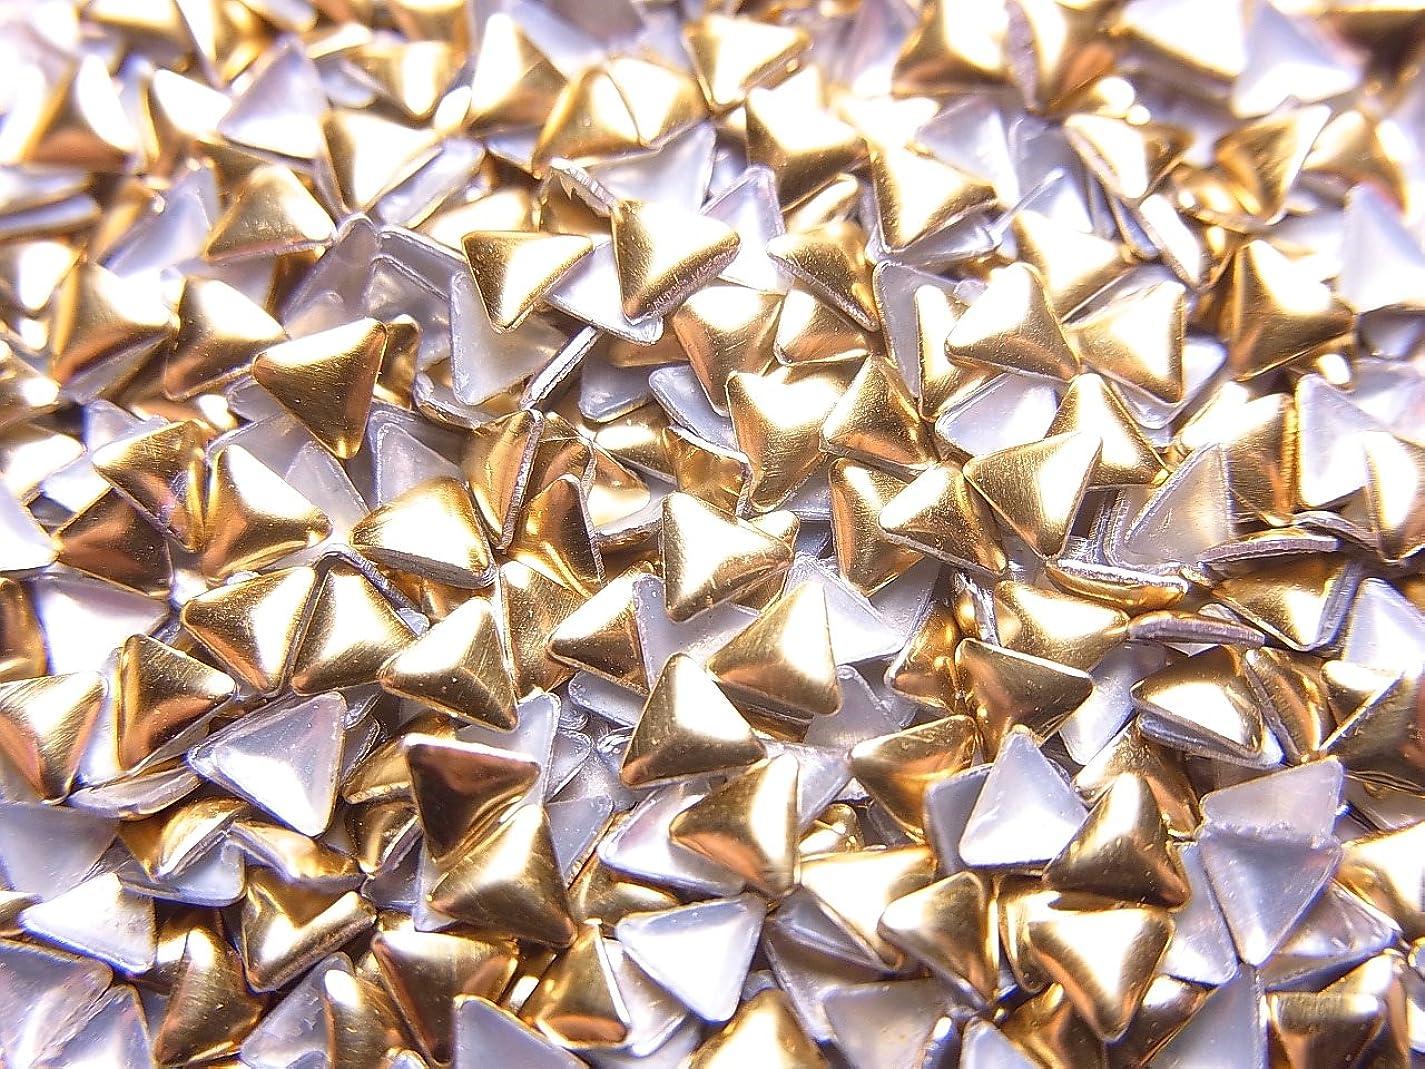 ハミングバードタール推測する【jewel】トライアングル型(三角形)メタルスタッズ 3mm ゴールド 約100粒入り